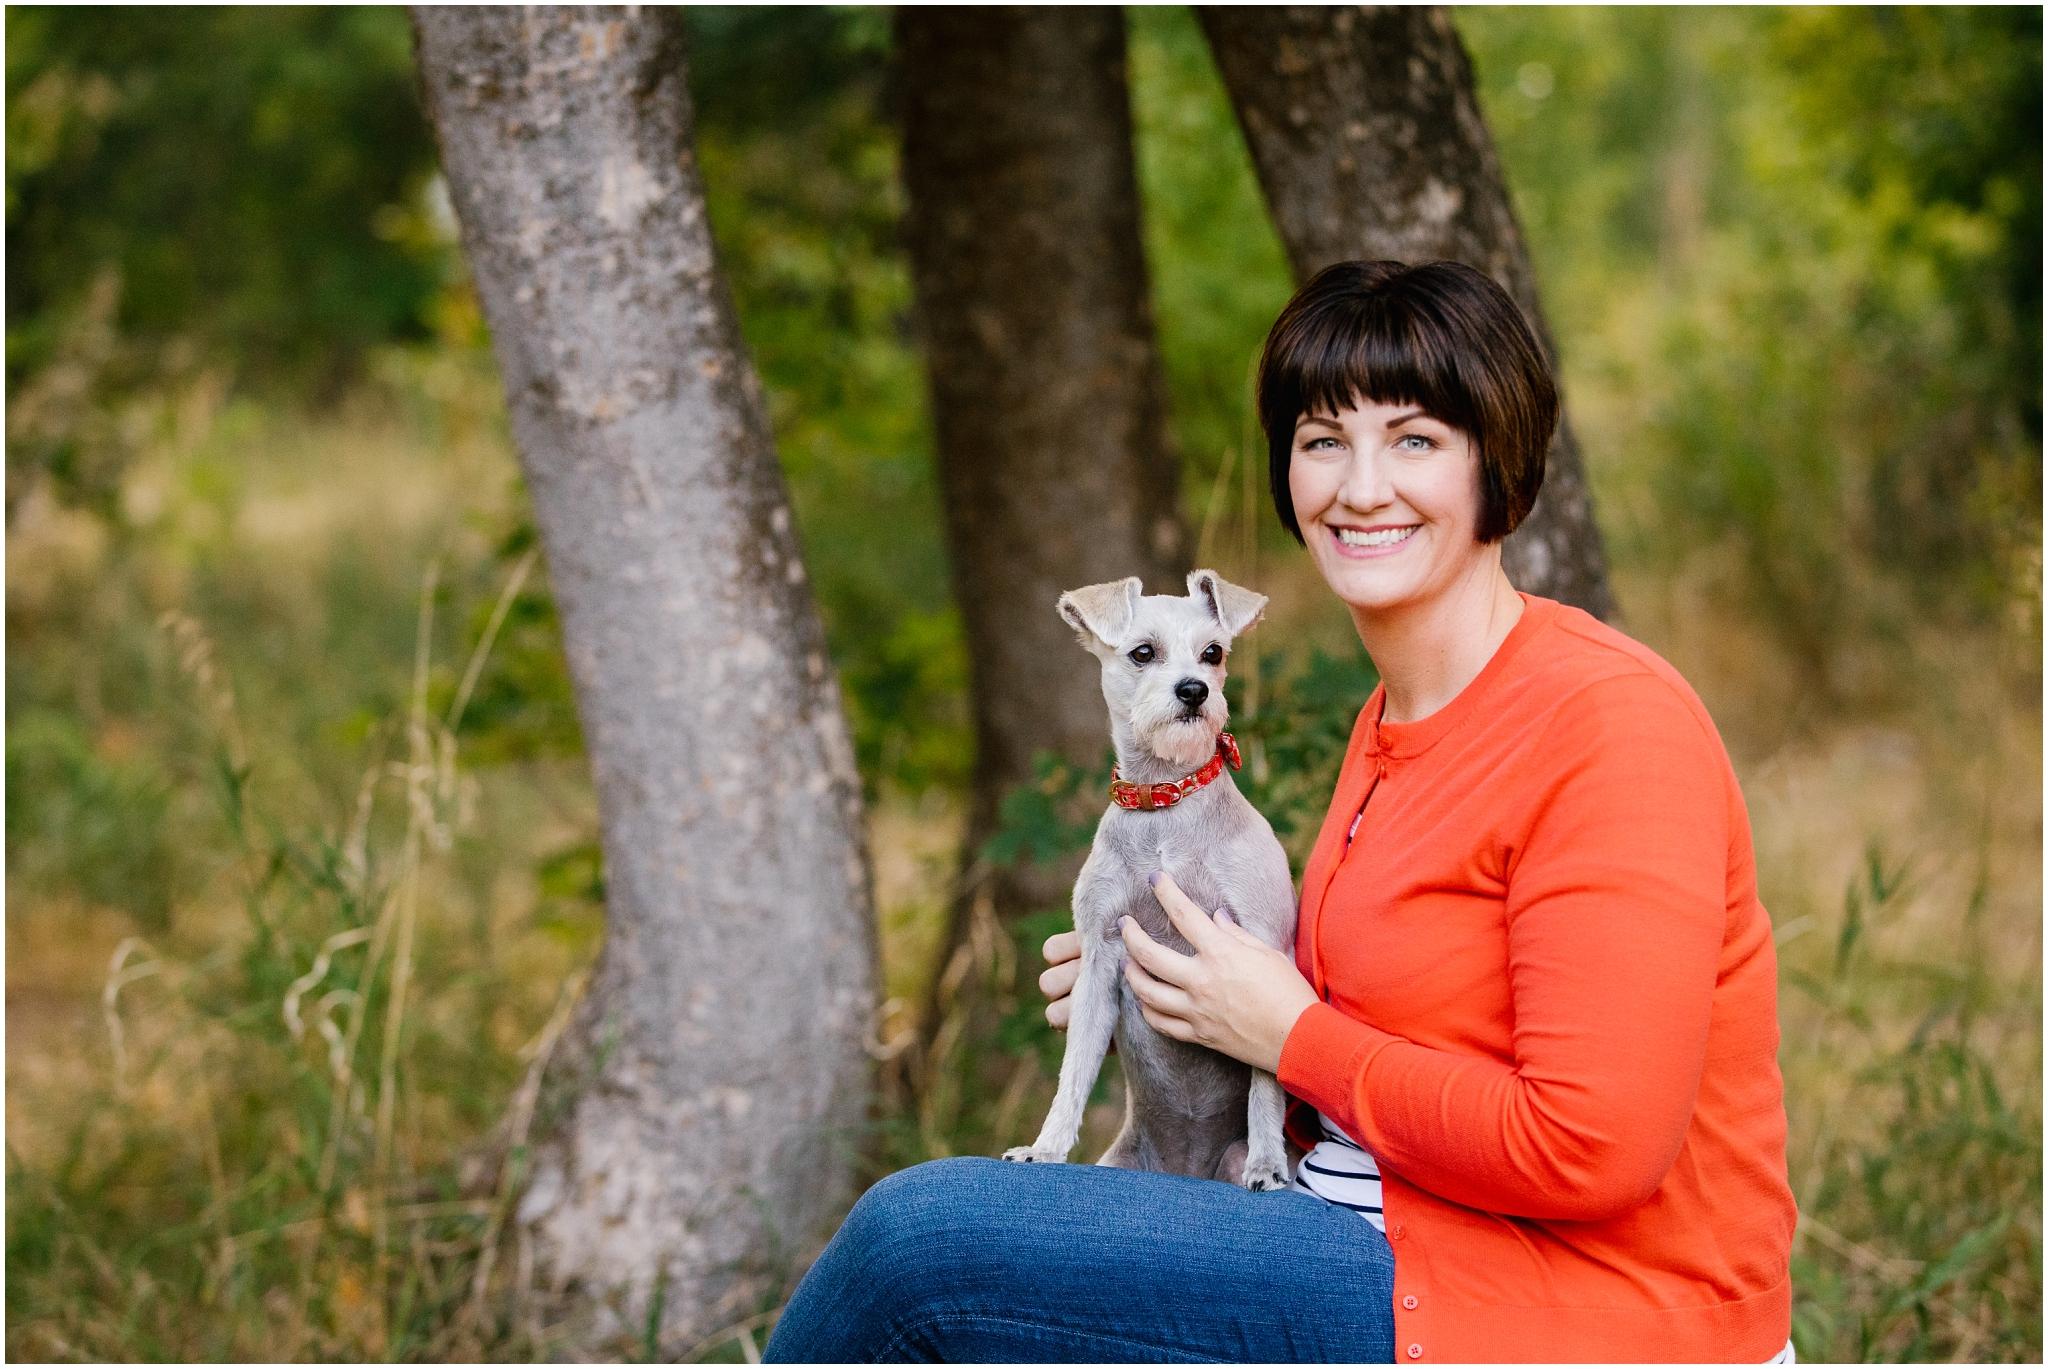 Tara-11_Lizzie-B-Imagery-Utah-Family-Photographer-Salt-Lake-City-Park-City-Utah-County.jpg